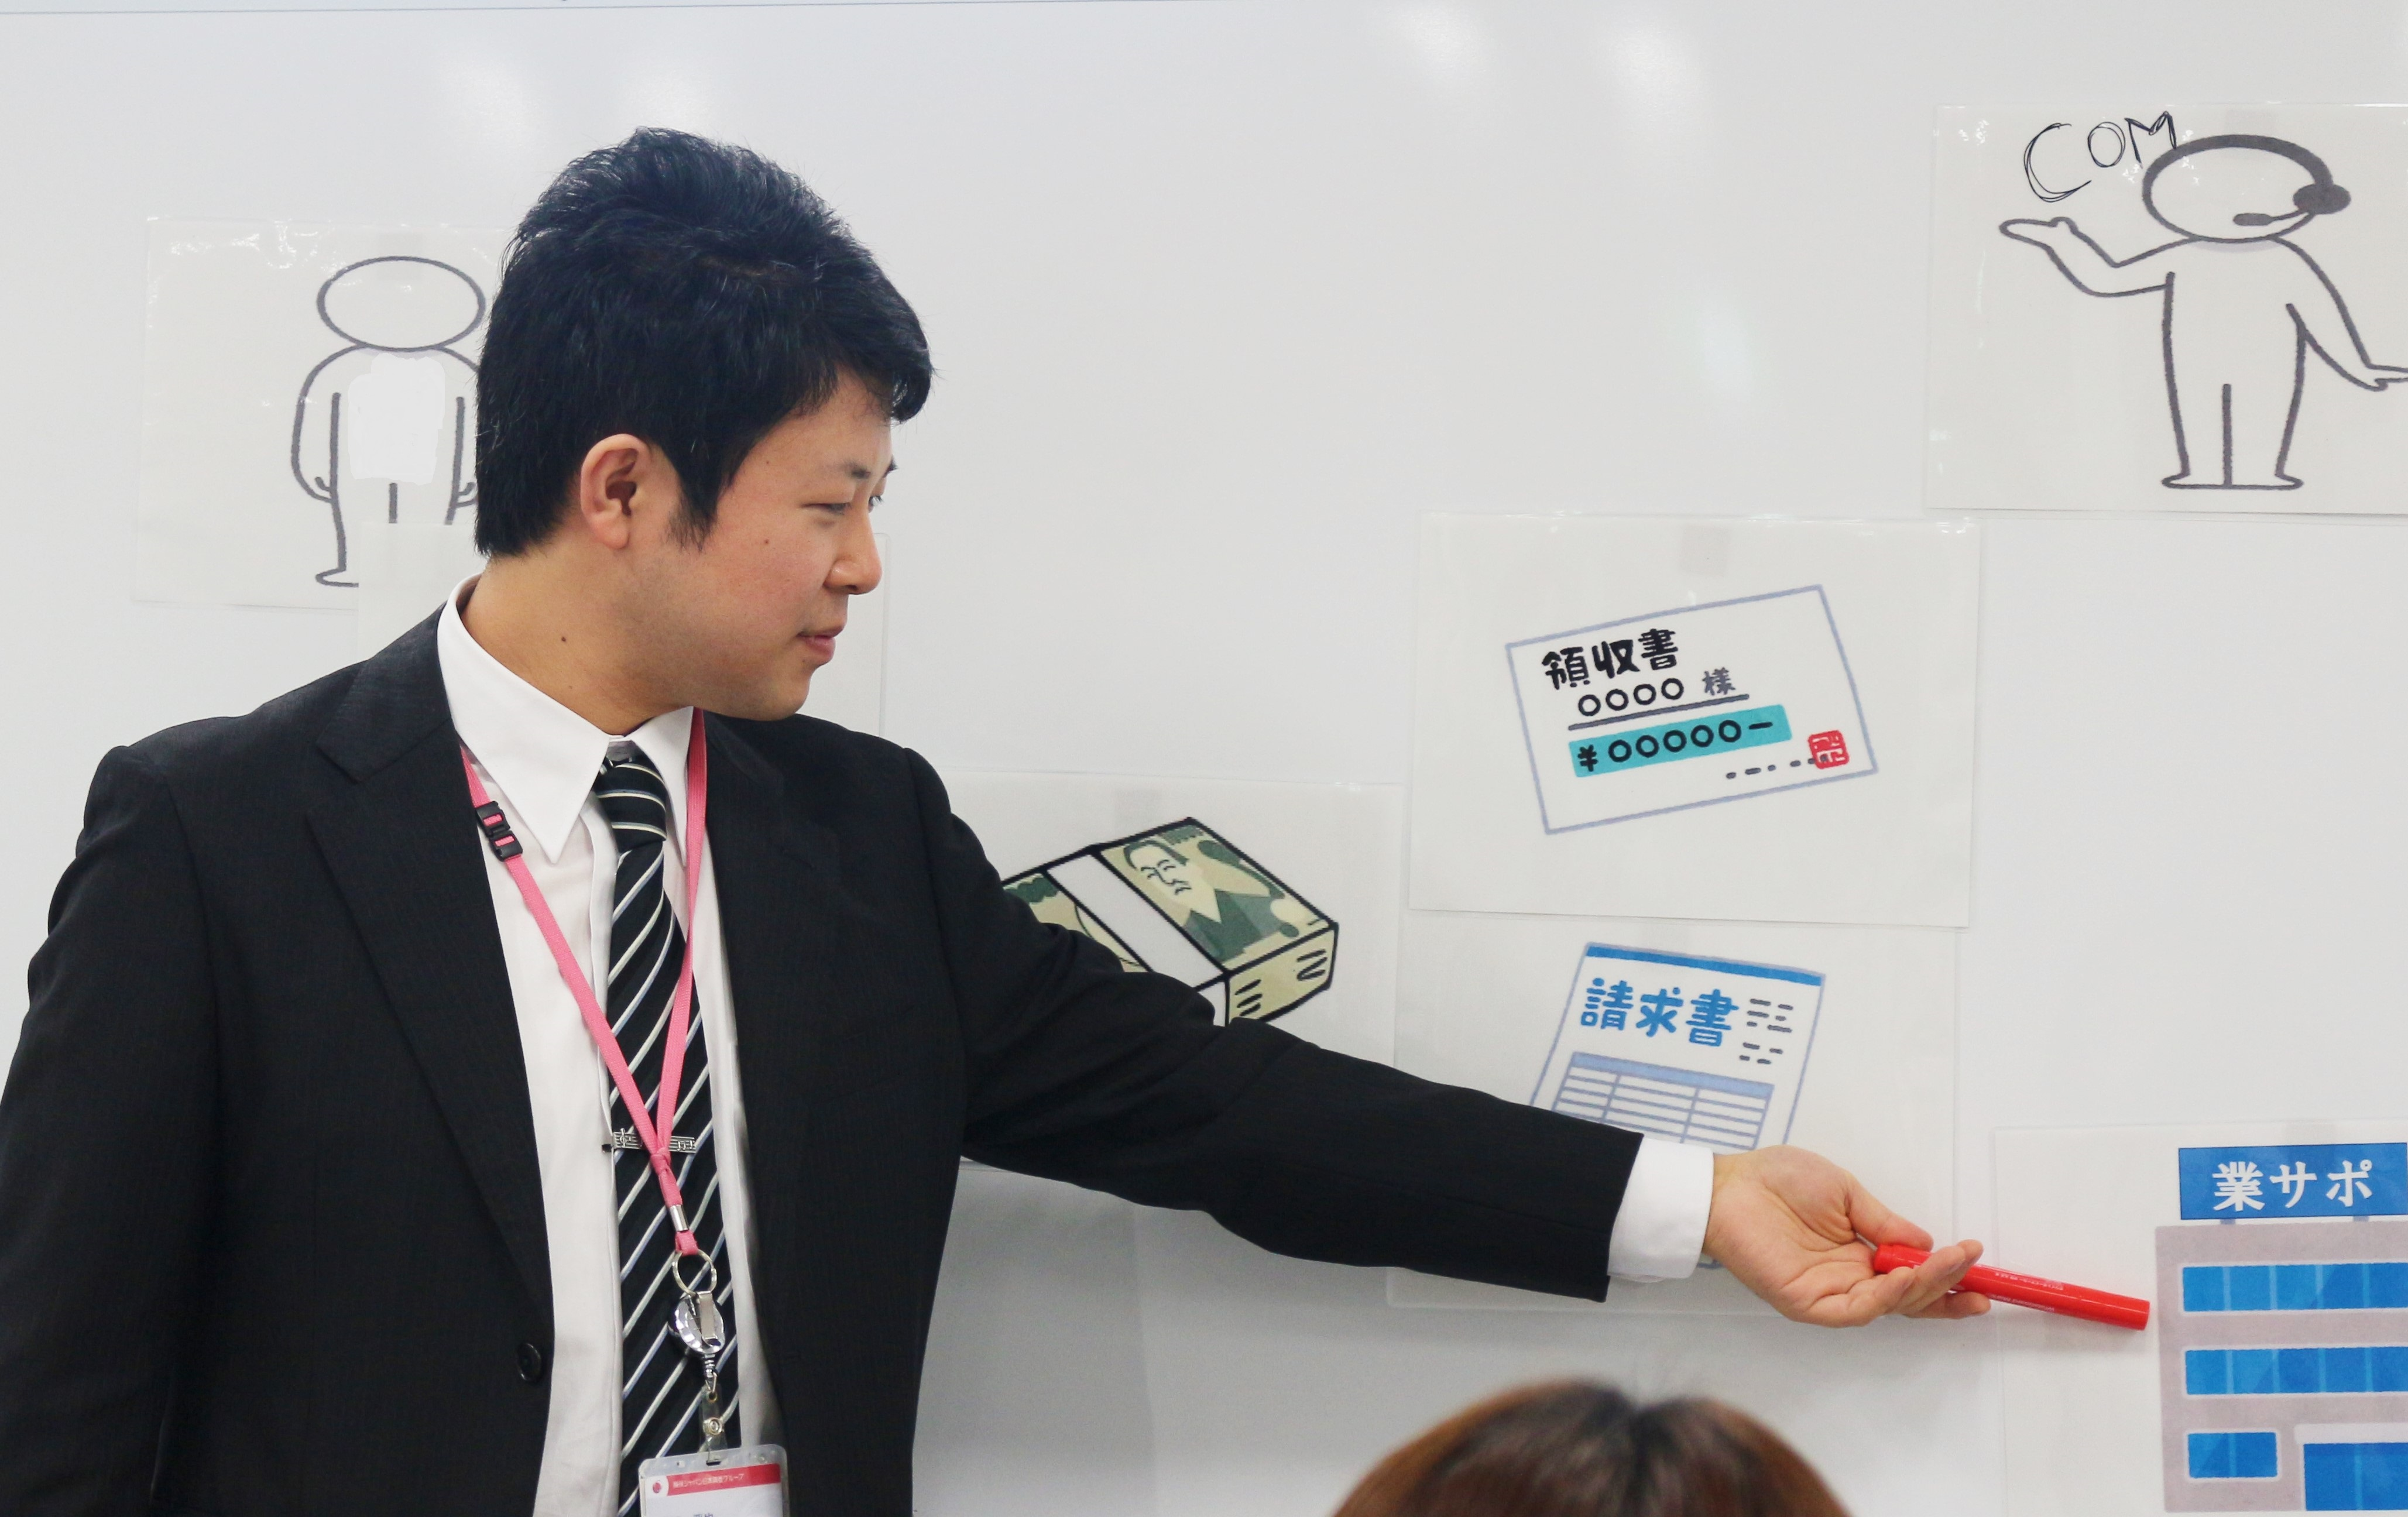 福田さん・ホワイトボード